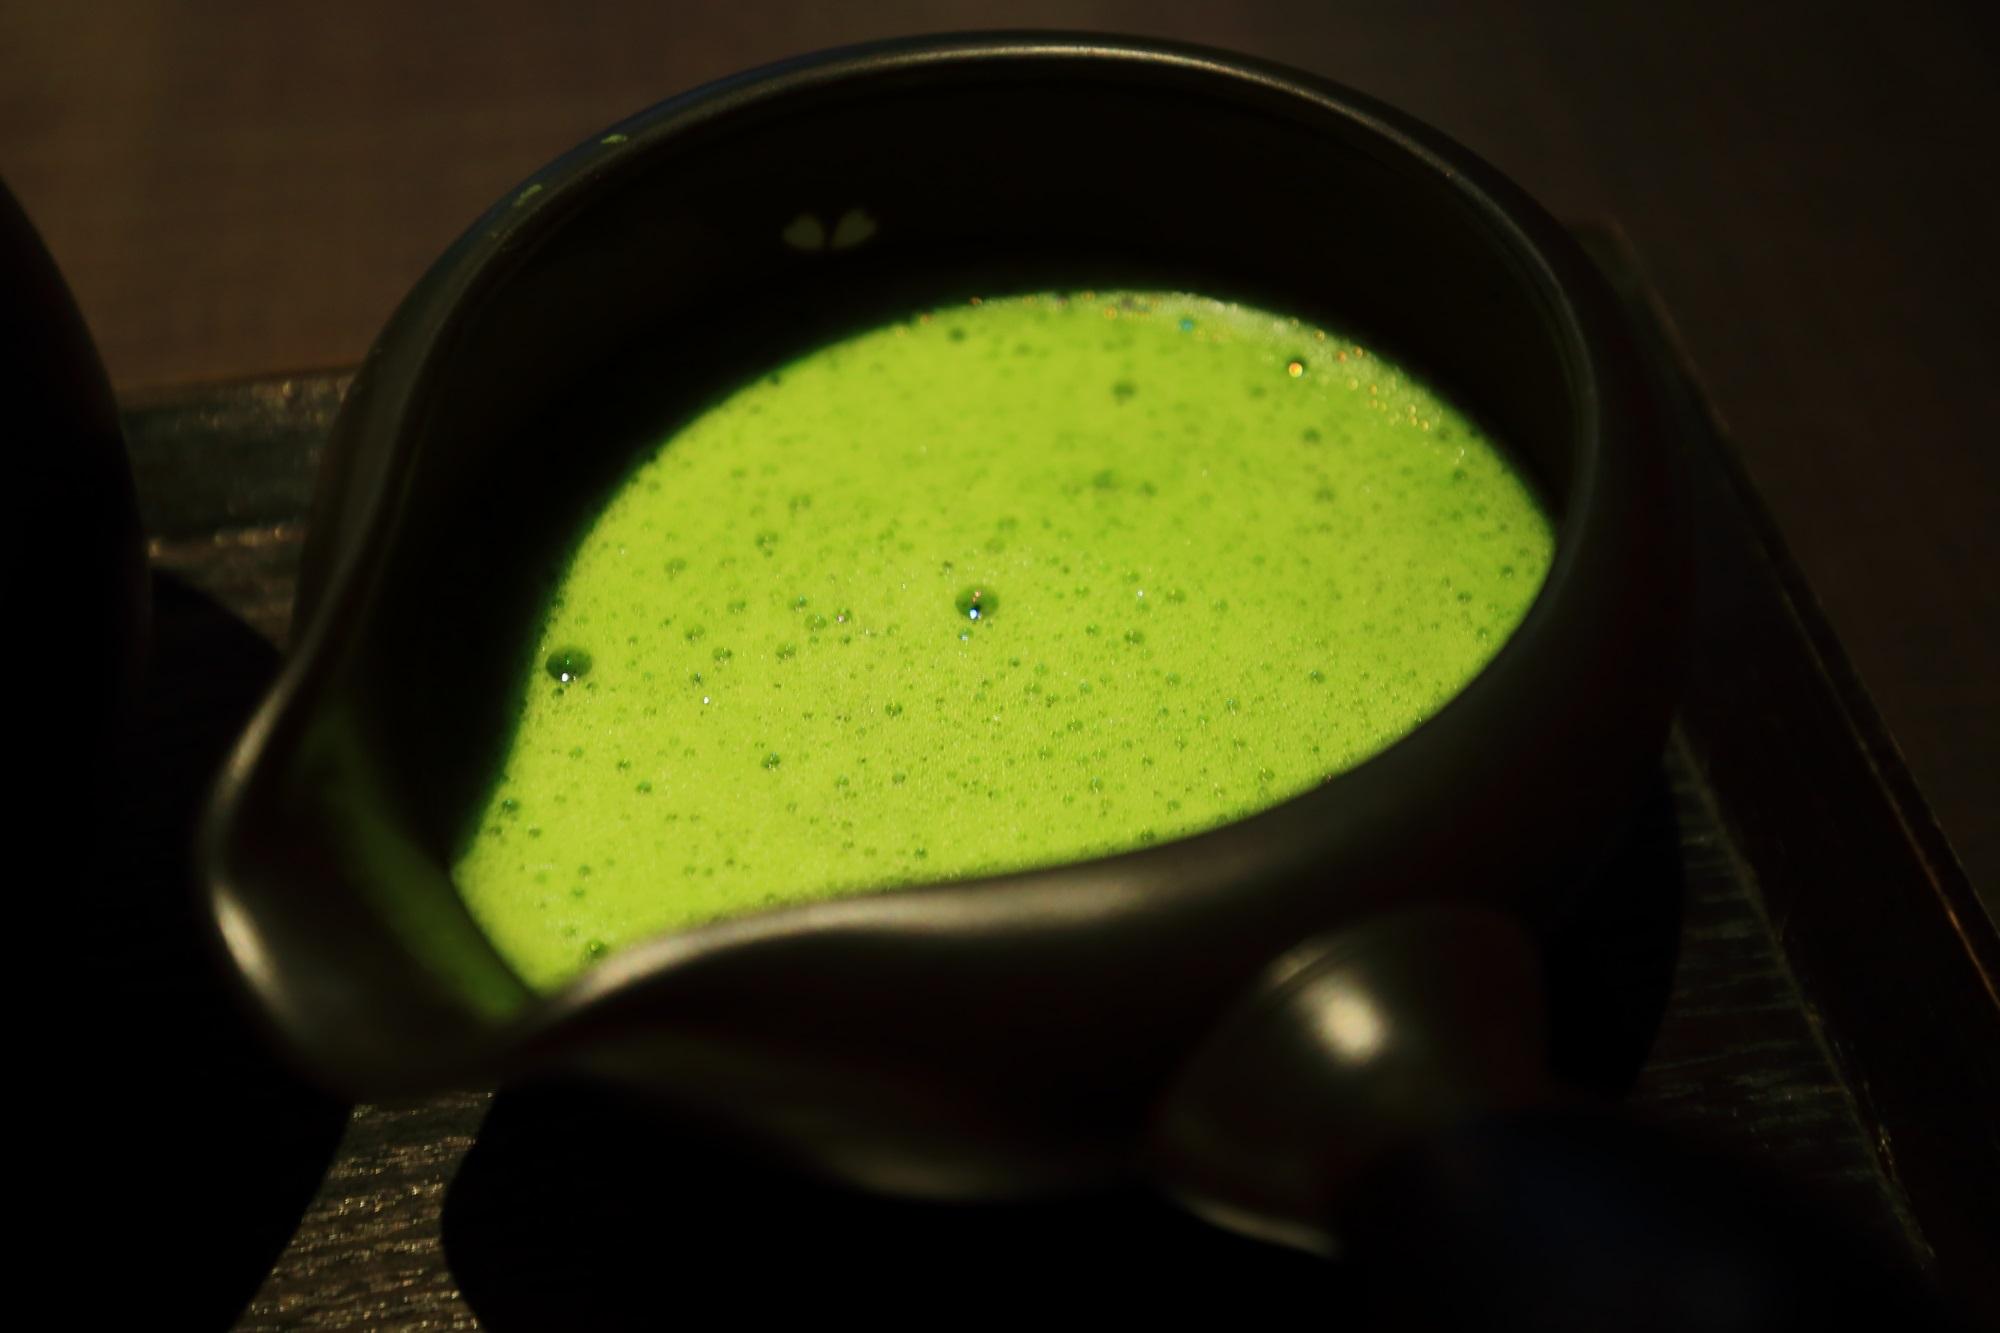 栗抹茶ぜんざい お抹茶 人気 甘味処 茶寮翠泉 さりょうすいせん